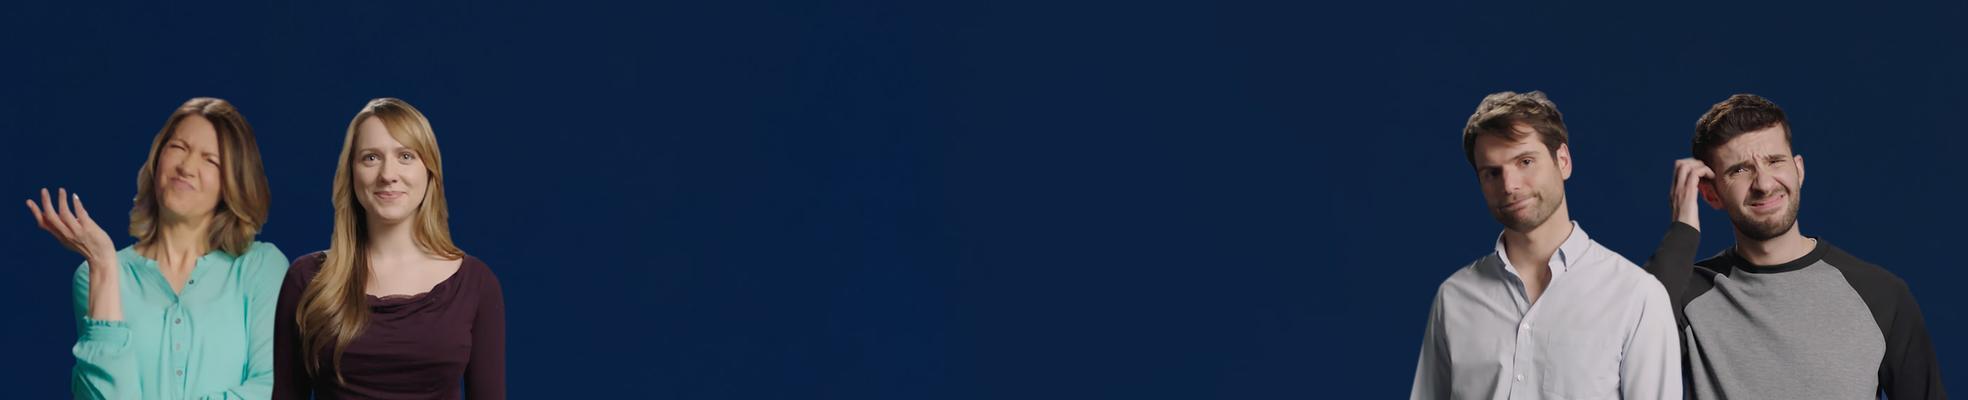 רקע כחול עם אנשים שנראים מבולבלים או מודאגים לגבי השימוש בעדשות מגע